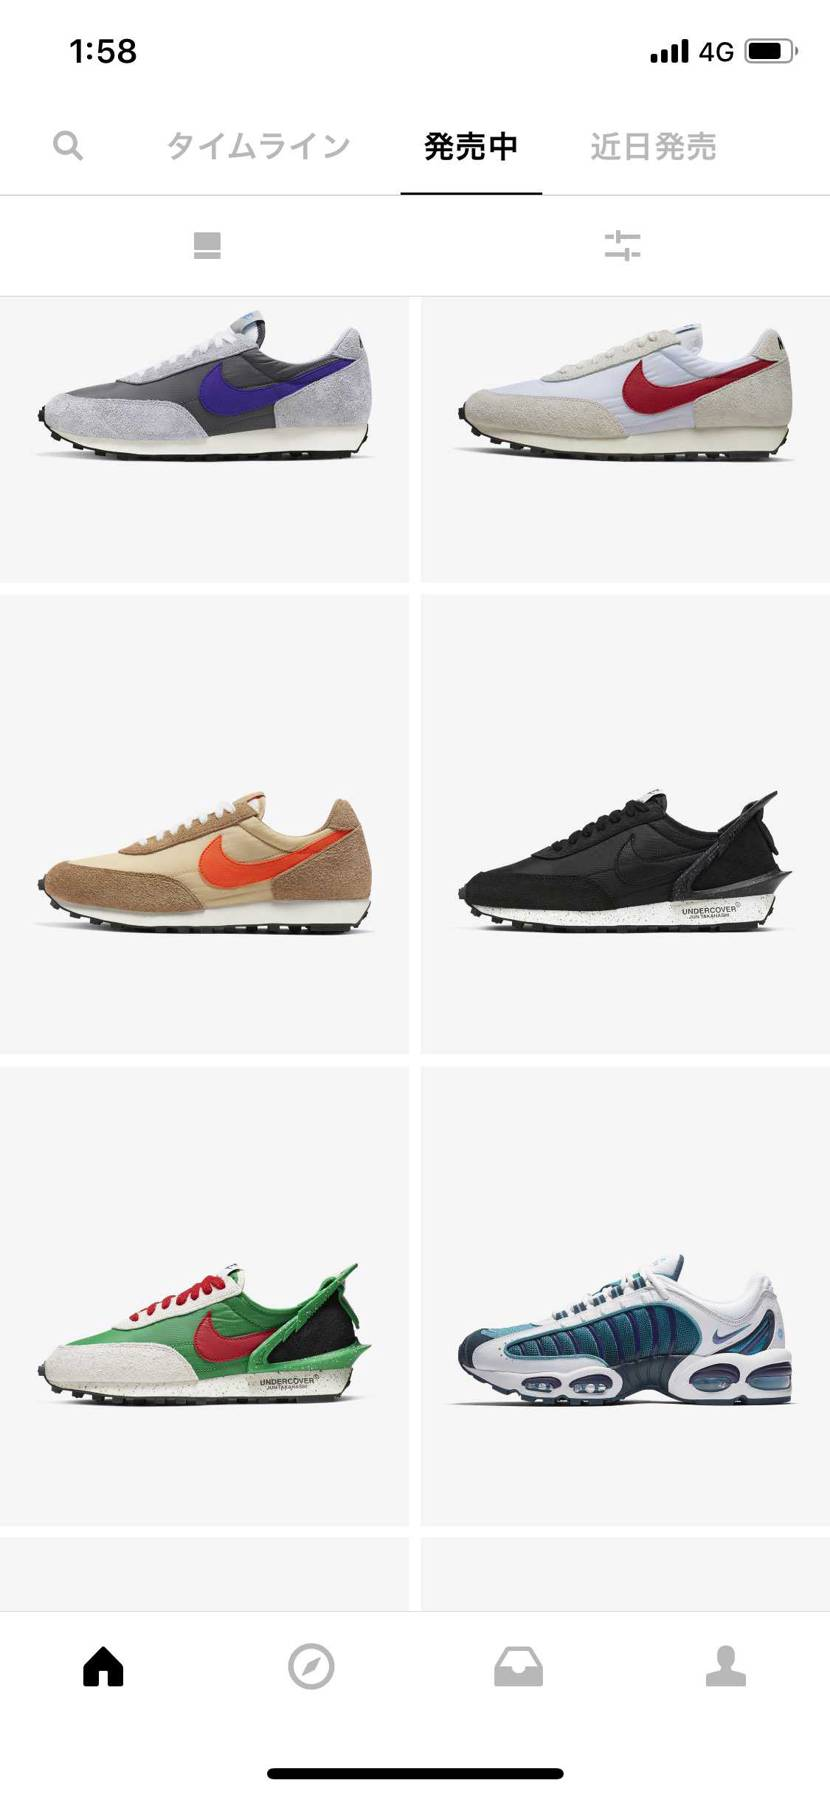 リストック情報 UNDERCOVERコラボ #Nike #SNKRS